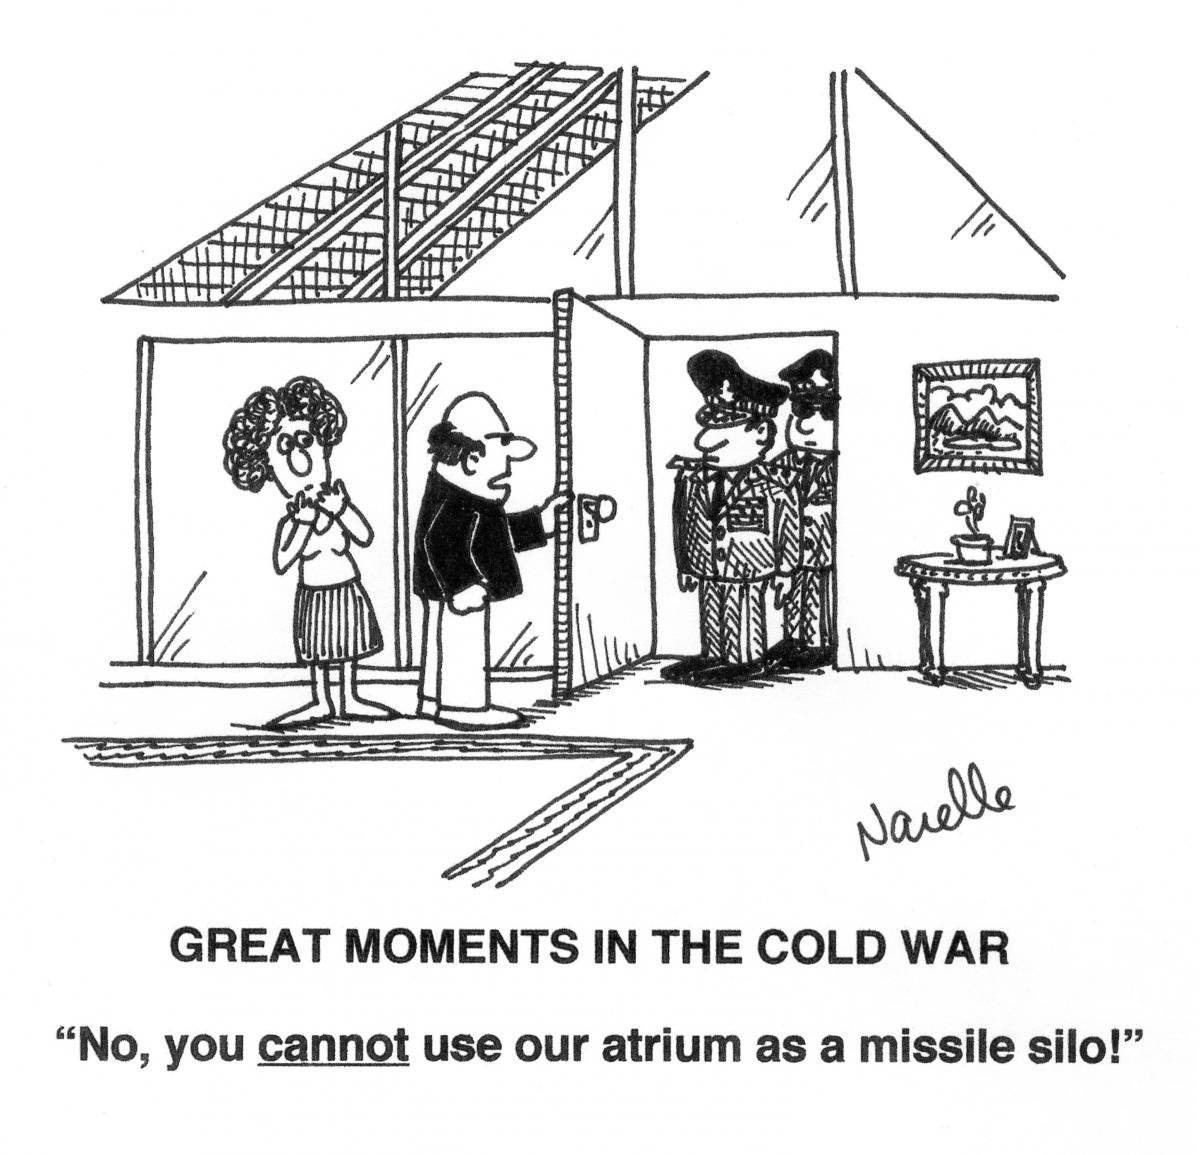 Cartoon Break Missile Diplomacy Eichler Style Eichler